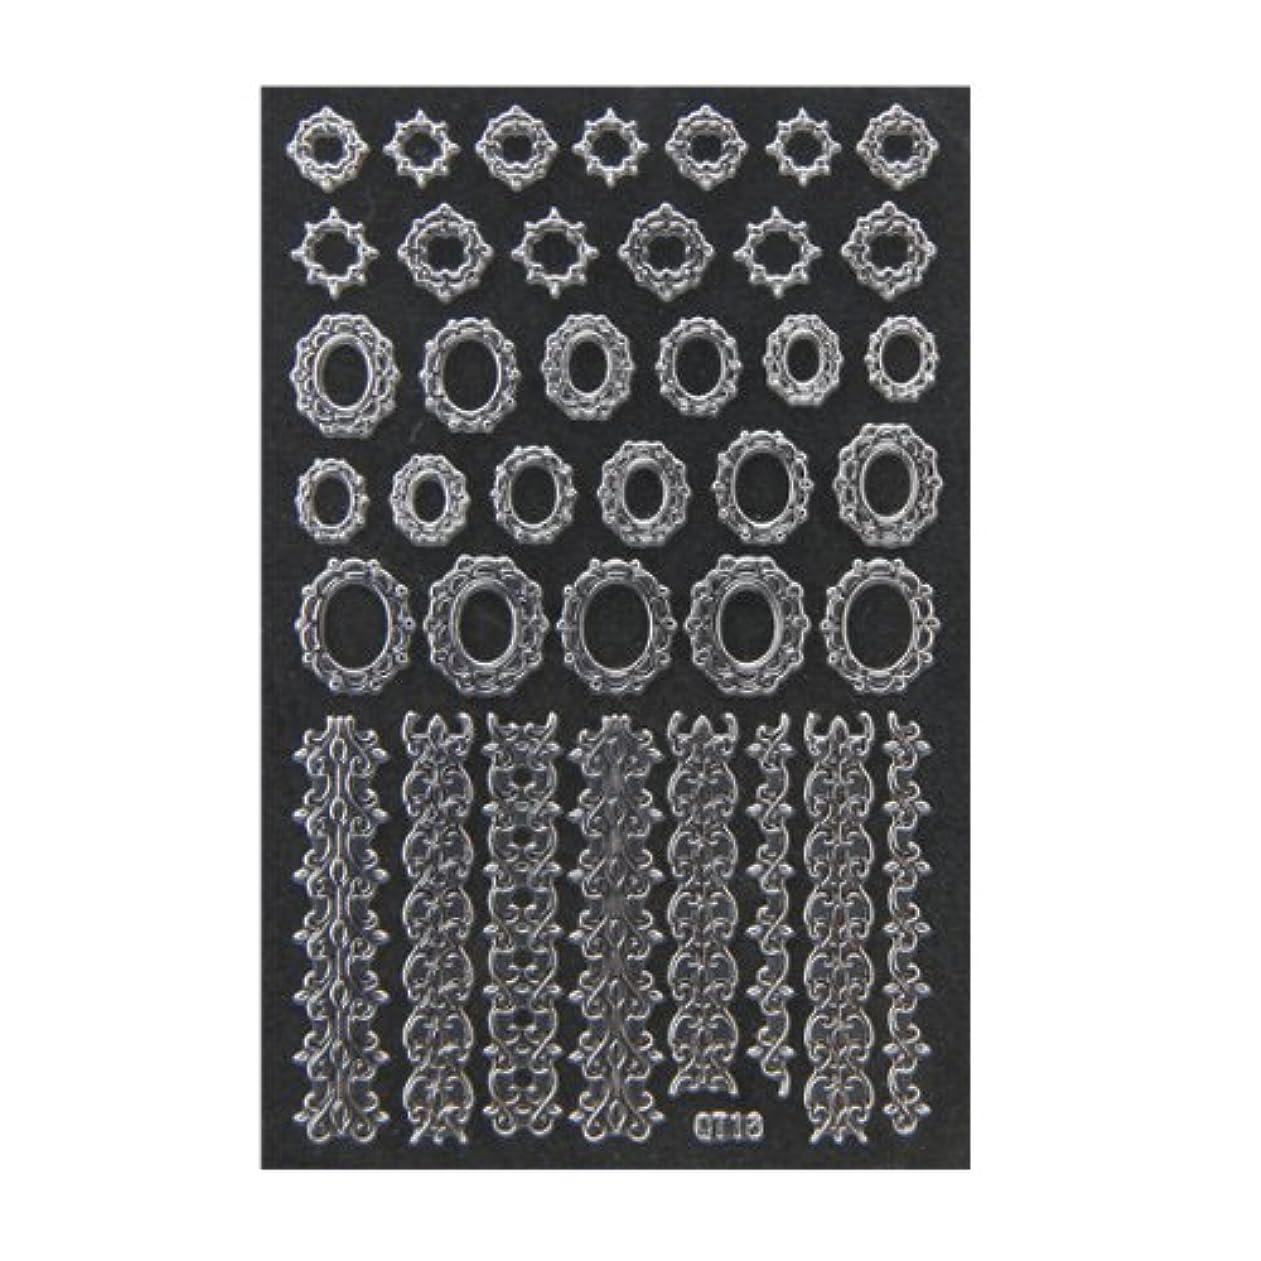 押し下げるアルファベット順バンガローネイルシール 3D ネイルシート ファッションネイル メタリックシール42 (ネイル用品)